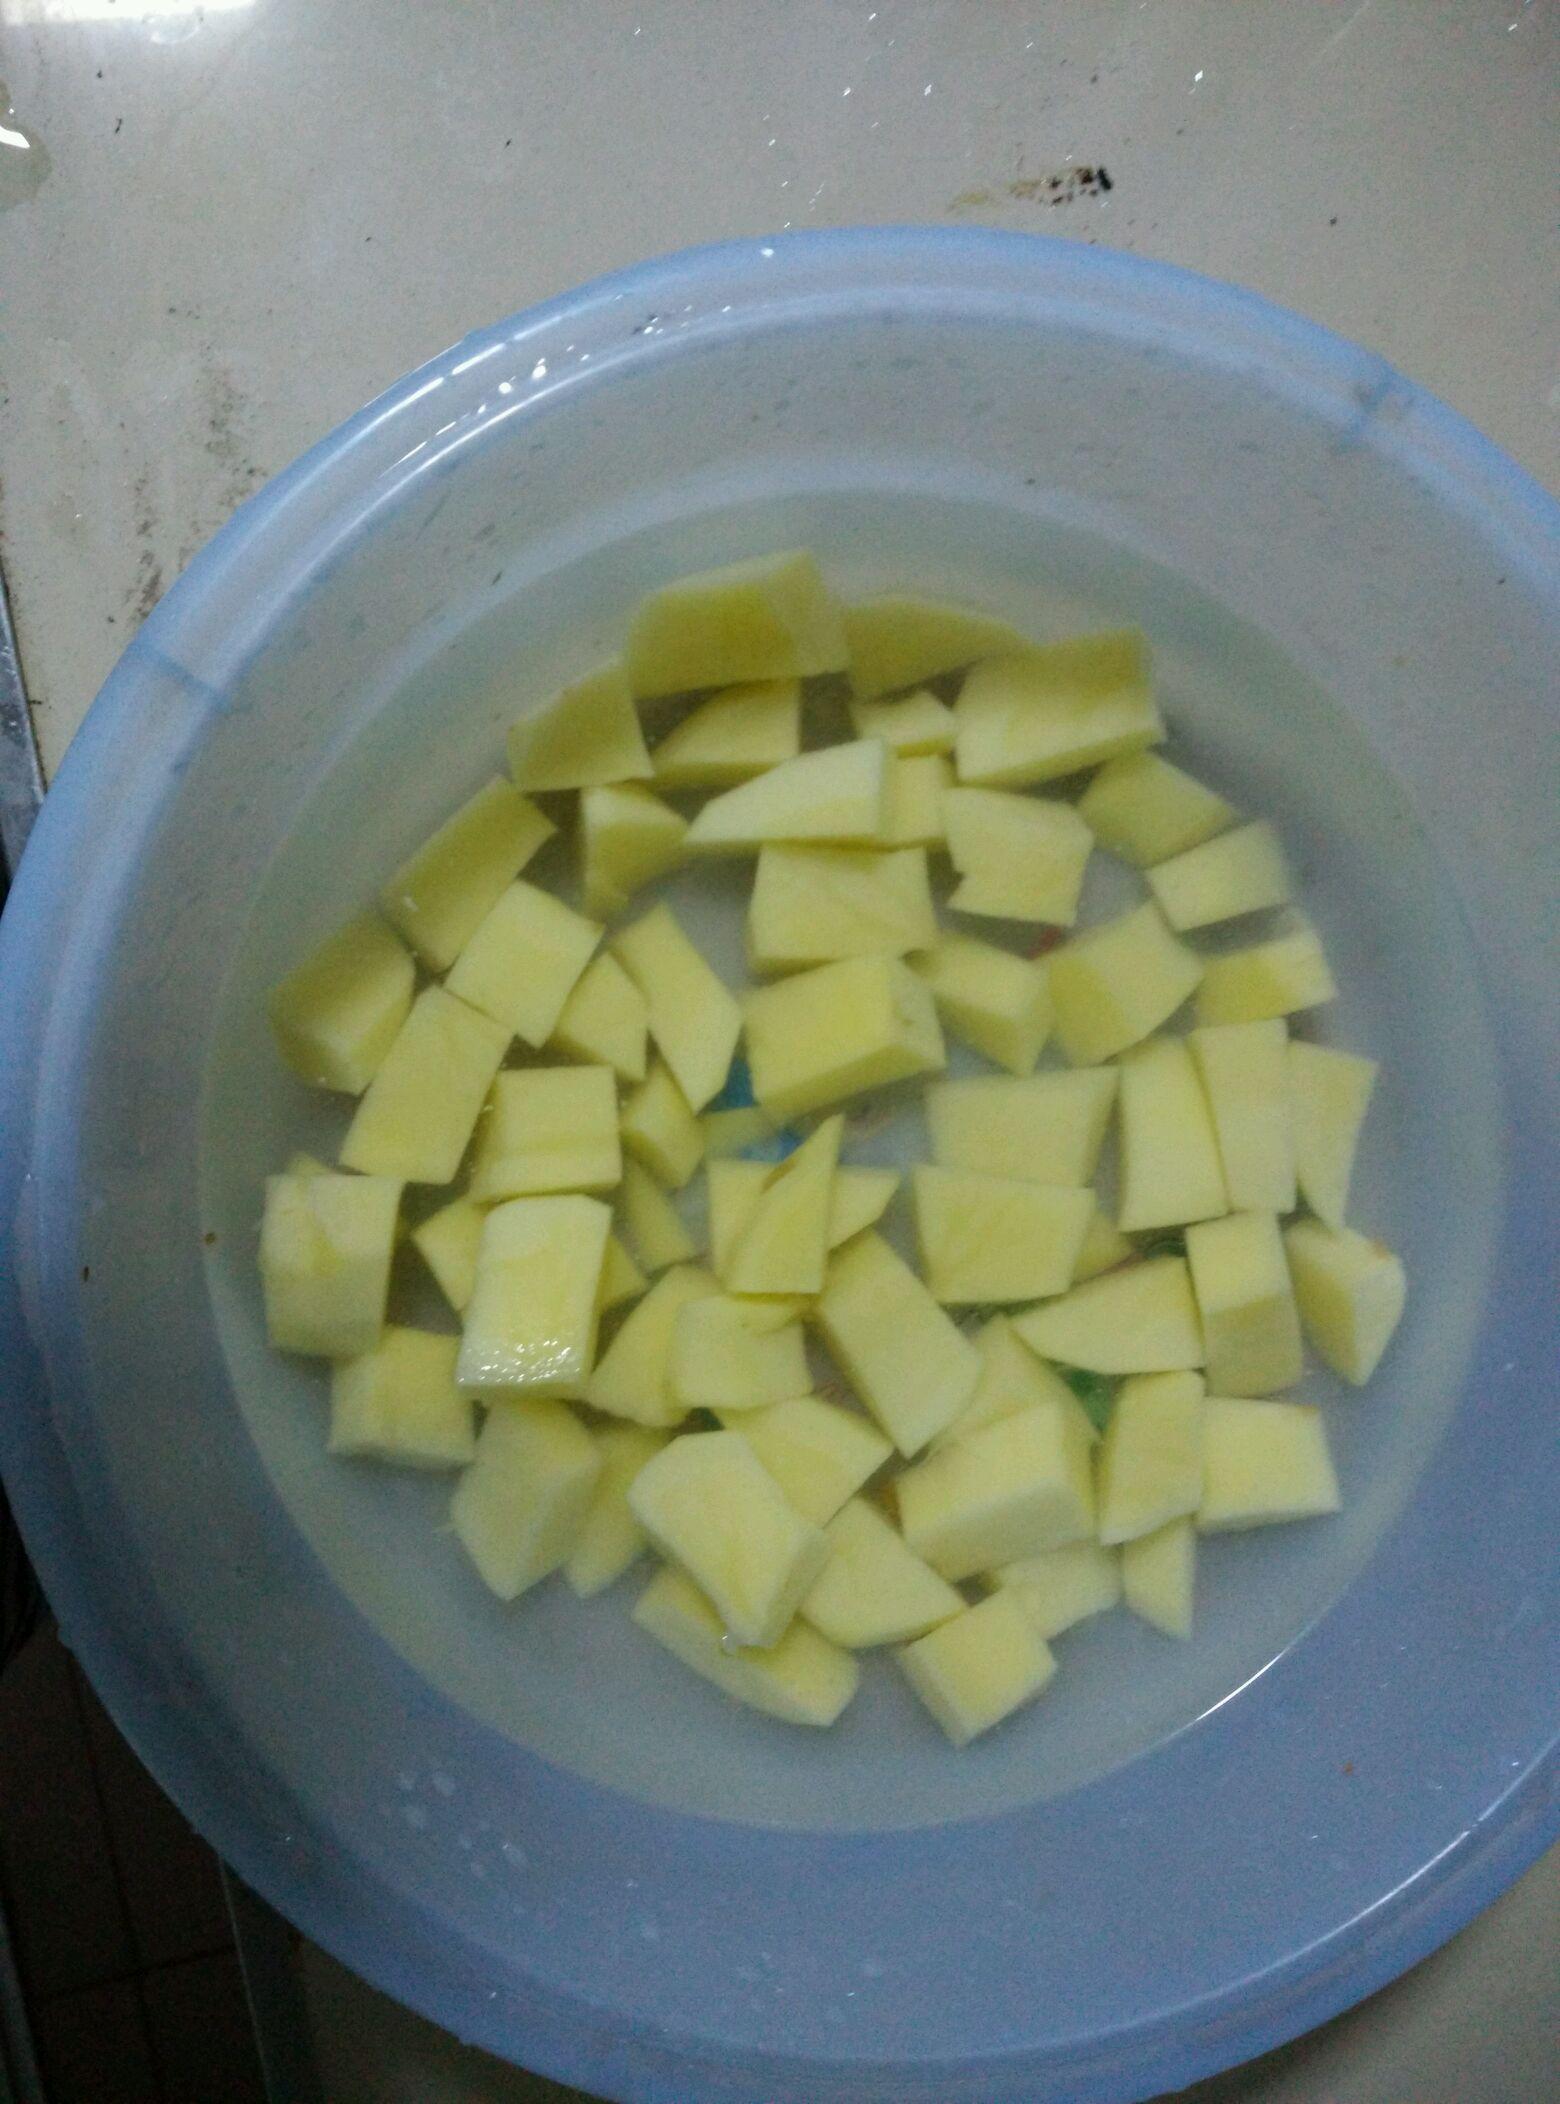 土豆切块备用  大蒜 老姜切片备用